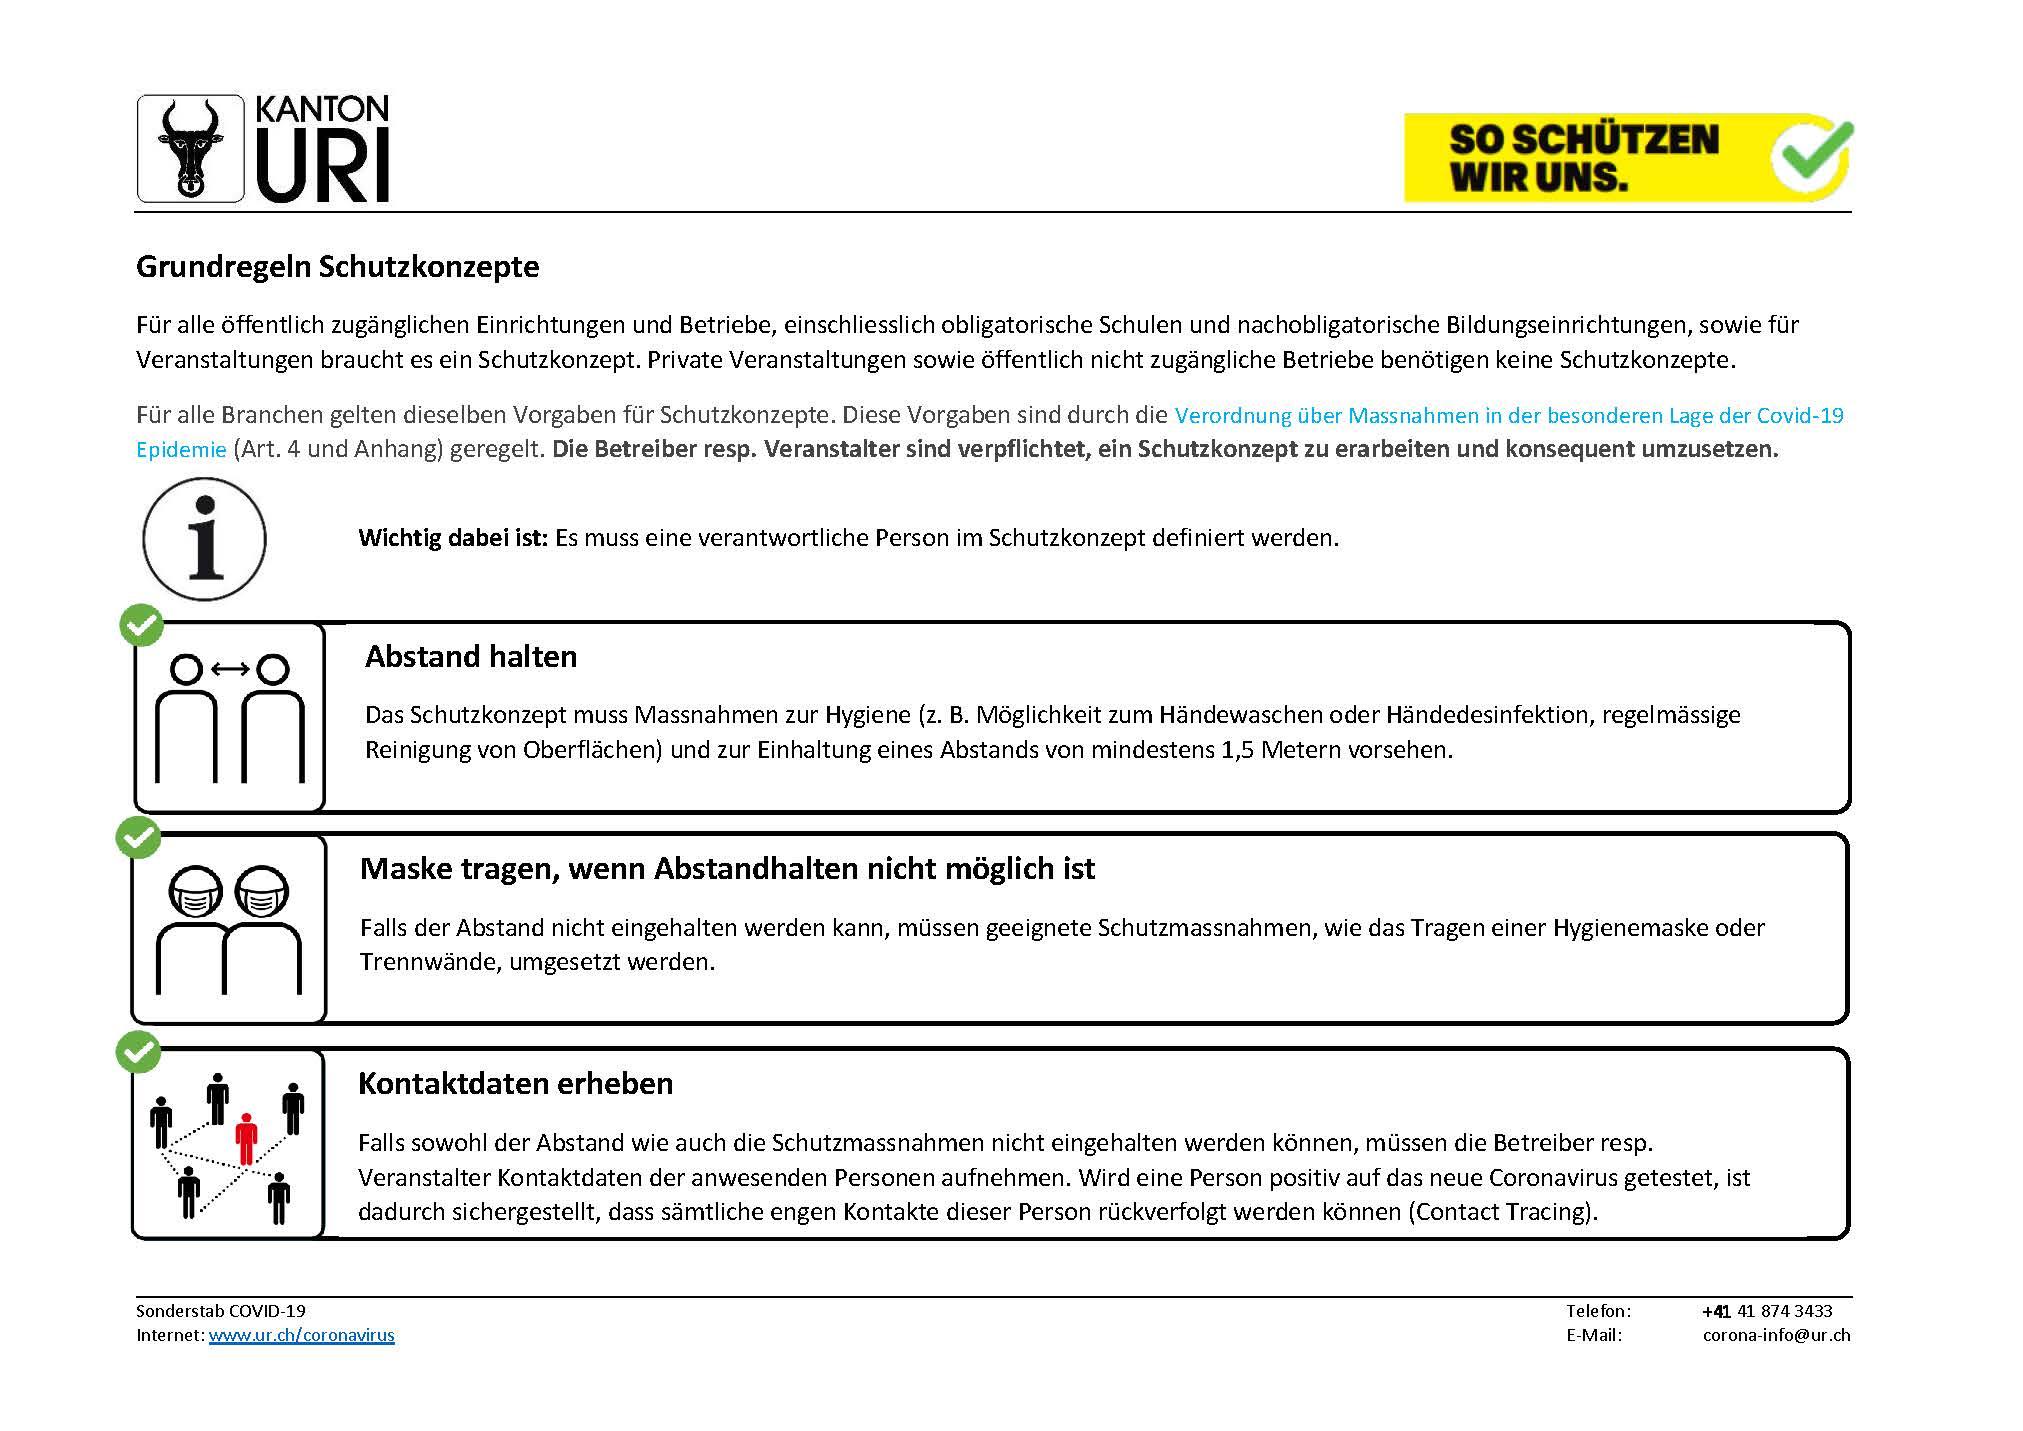 Grundregeln Schutzkonzepte_Sonderstab COVID-19